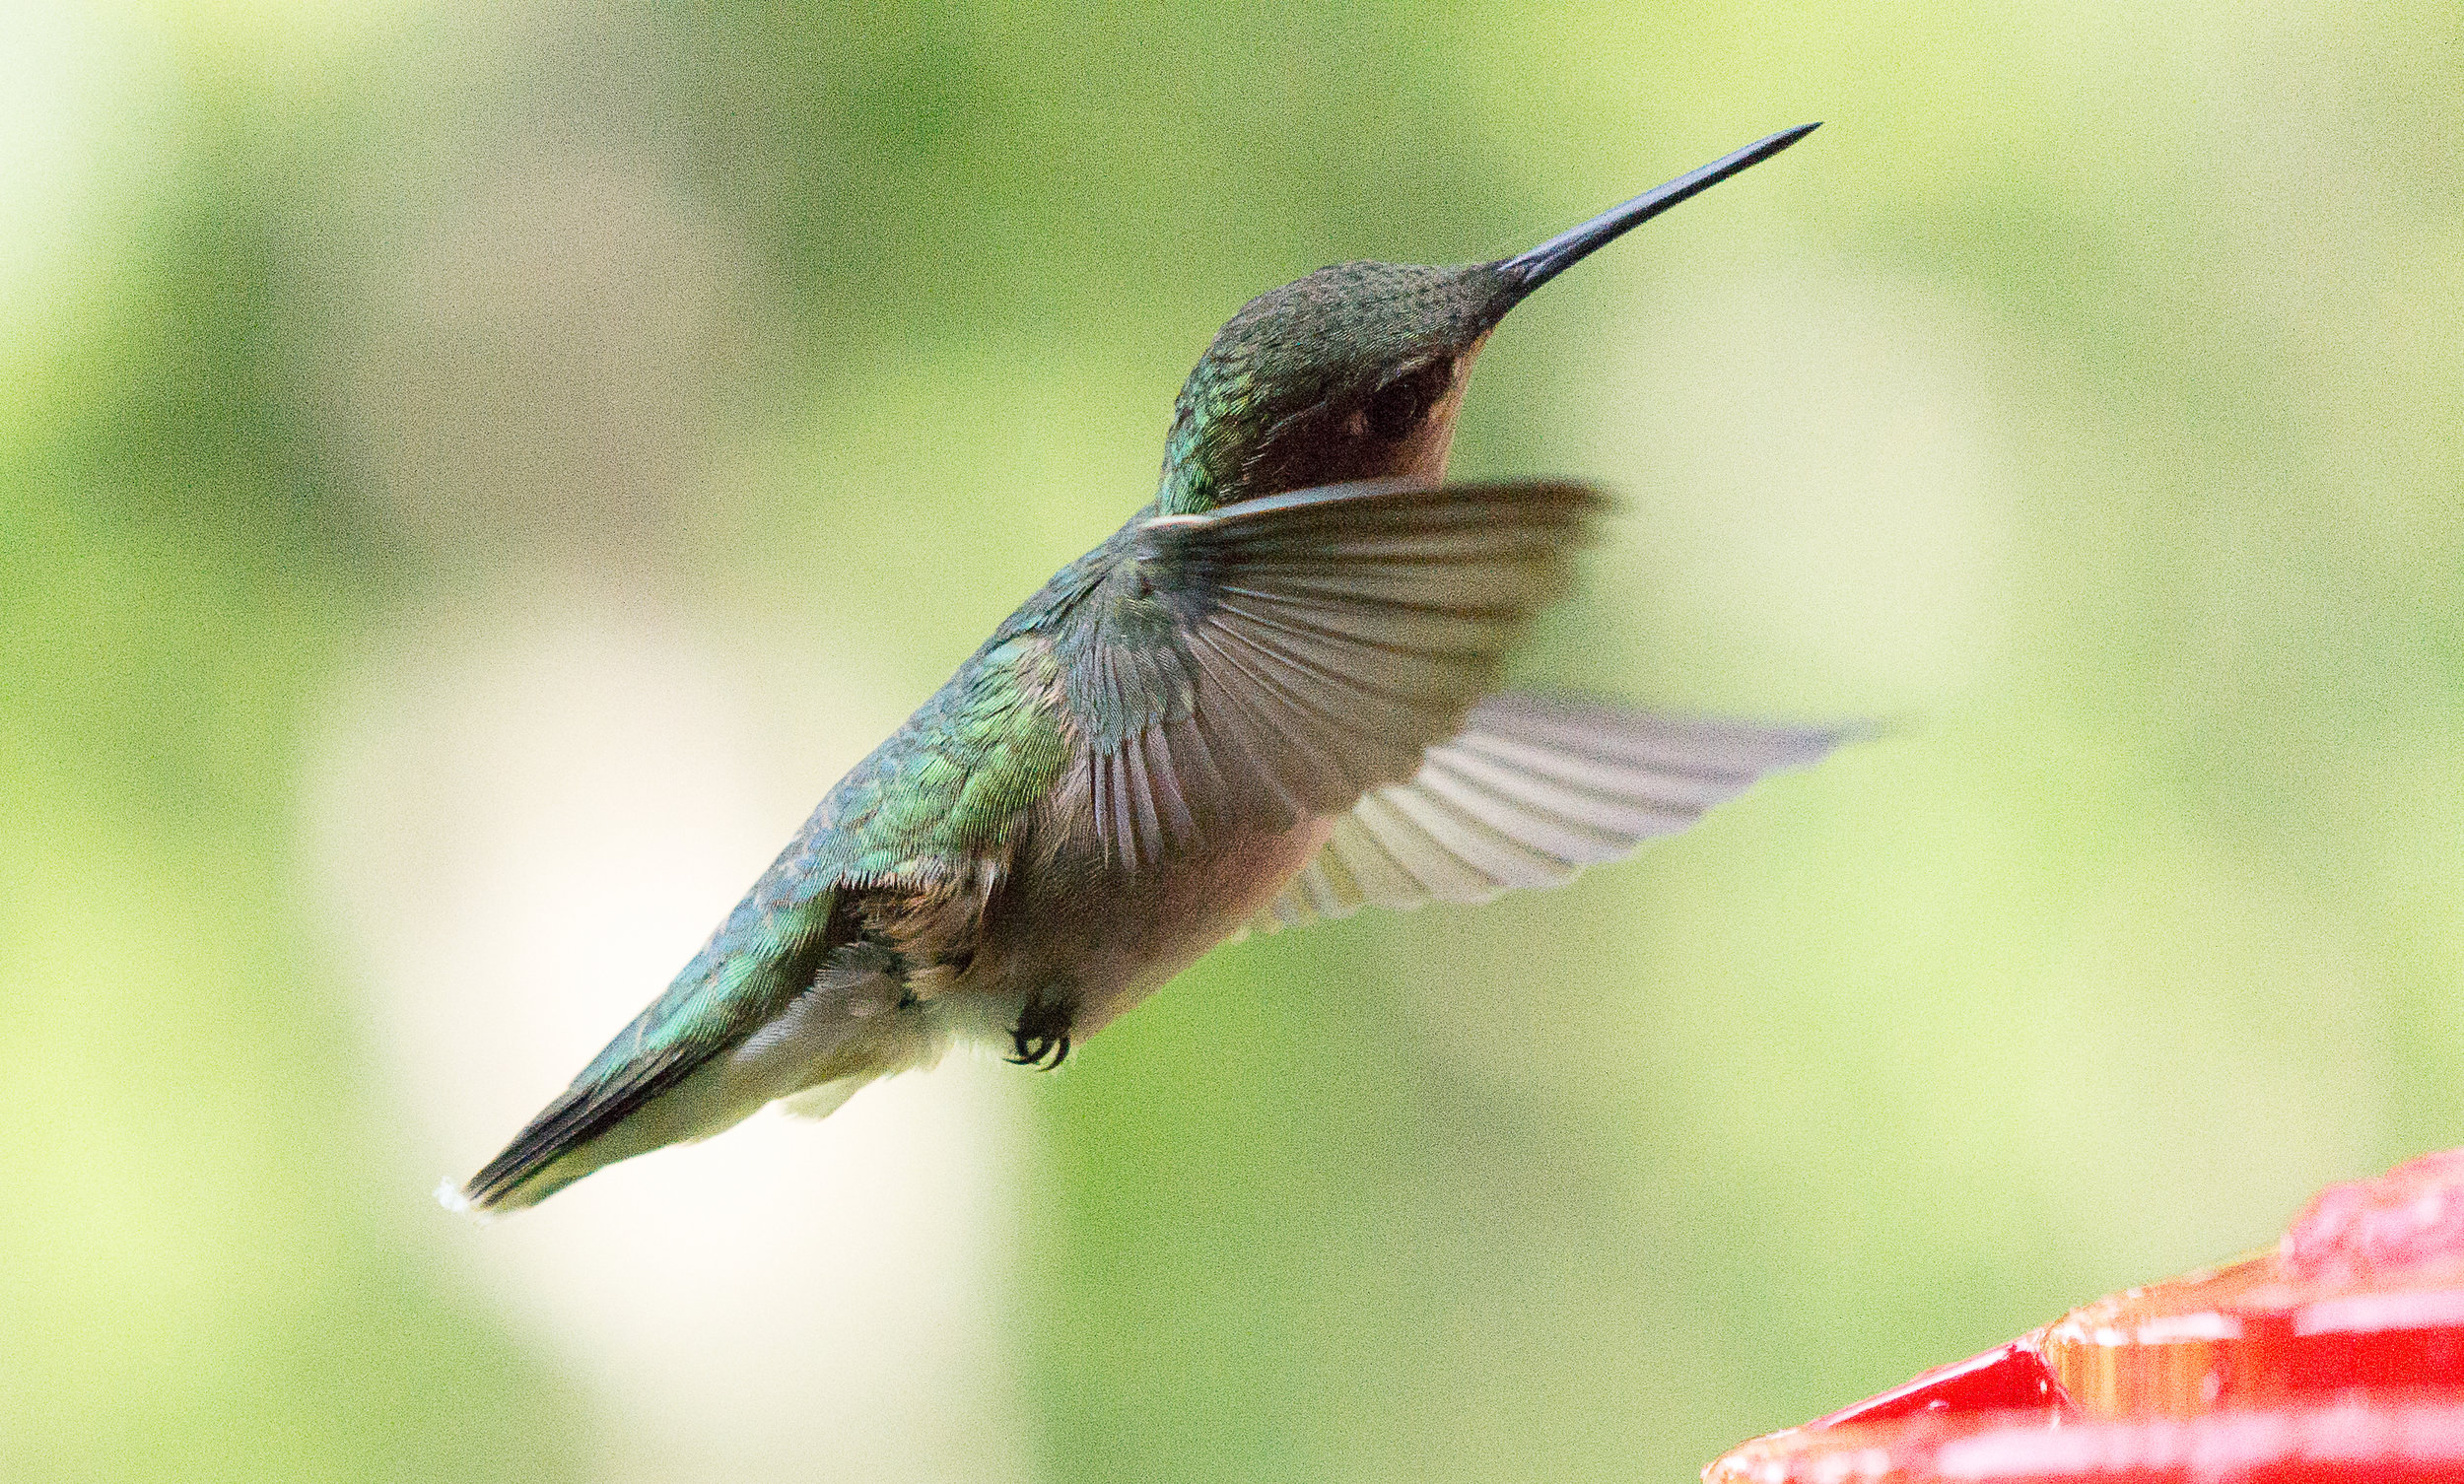 William Zinn_Hummingbird.jpg